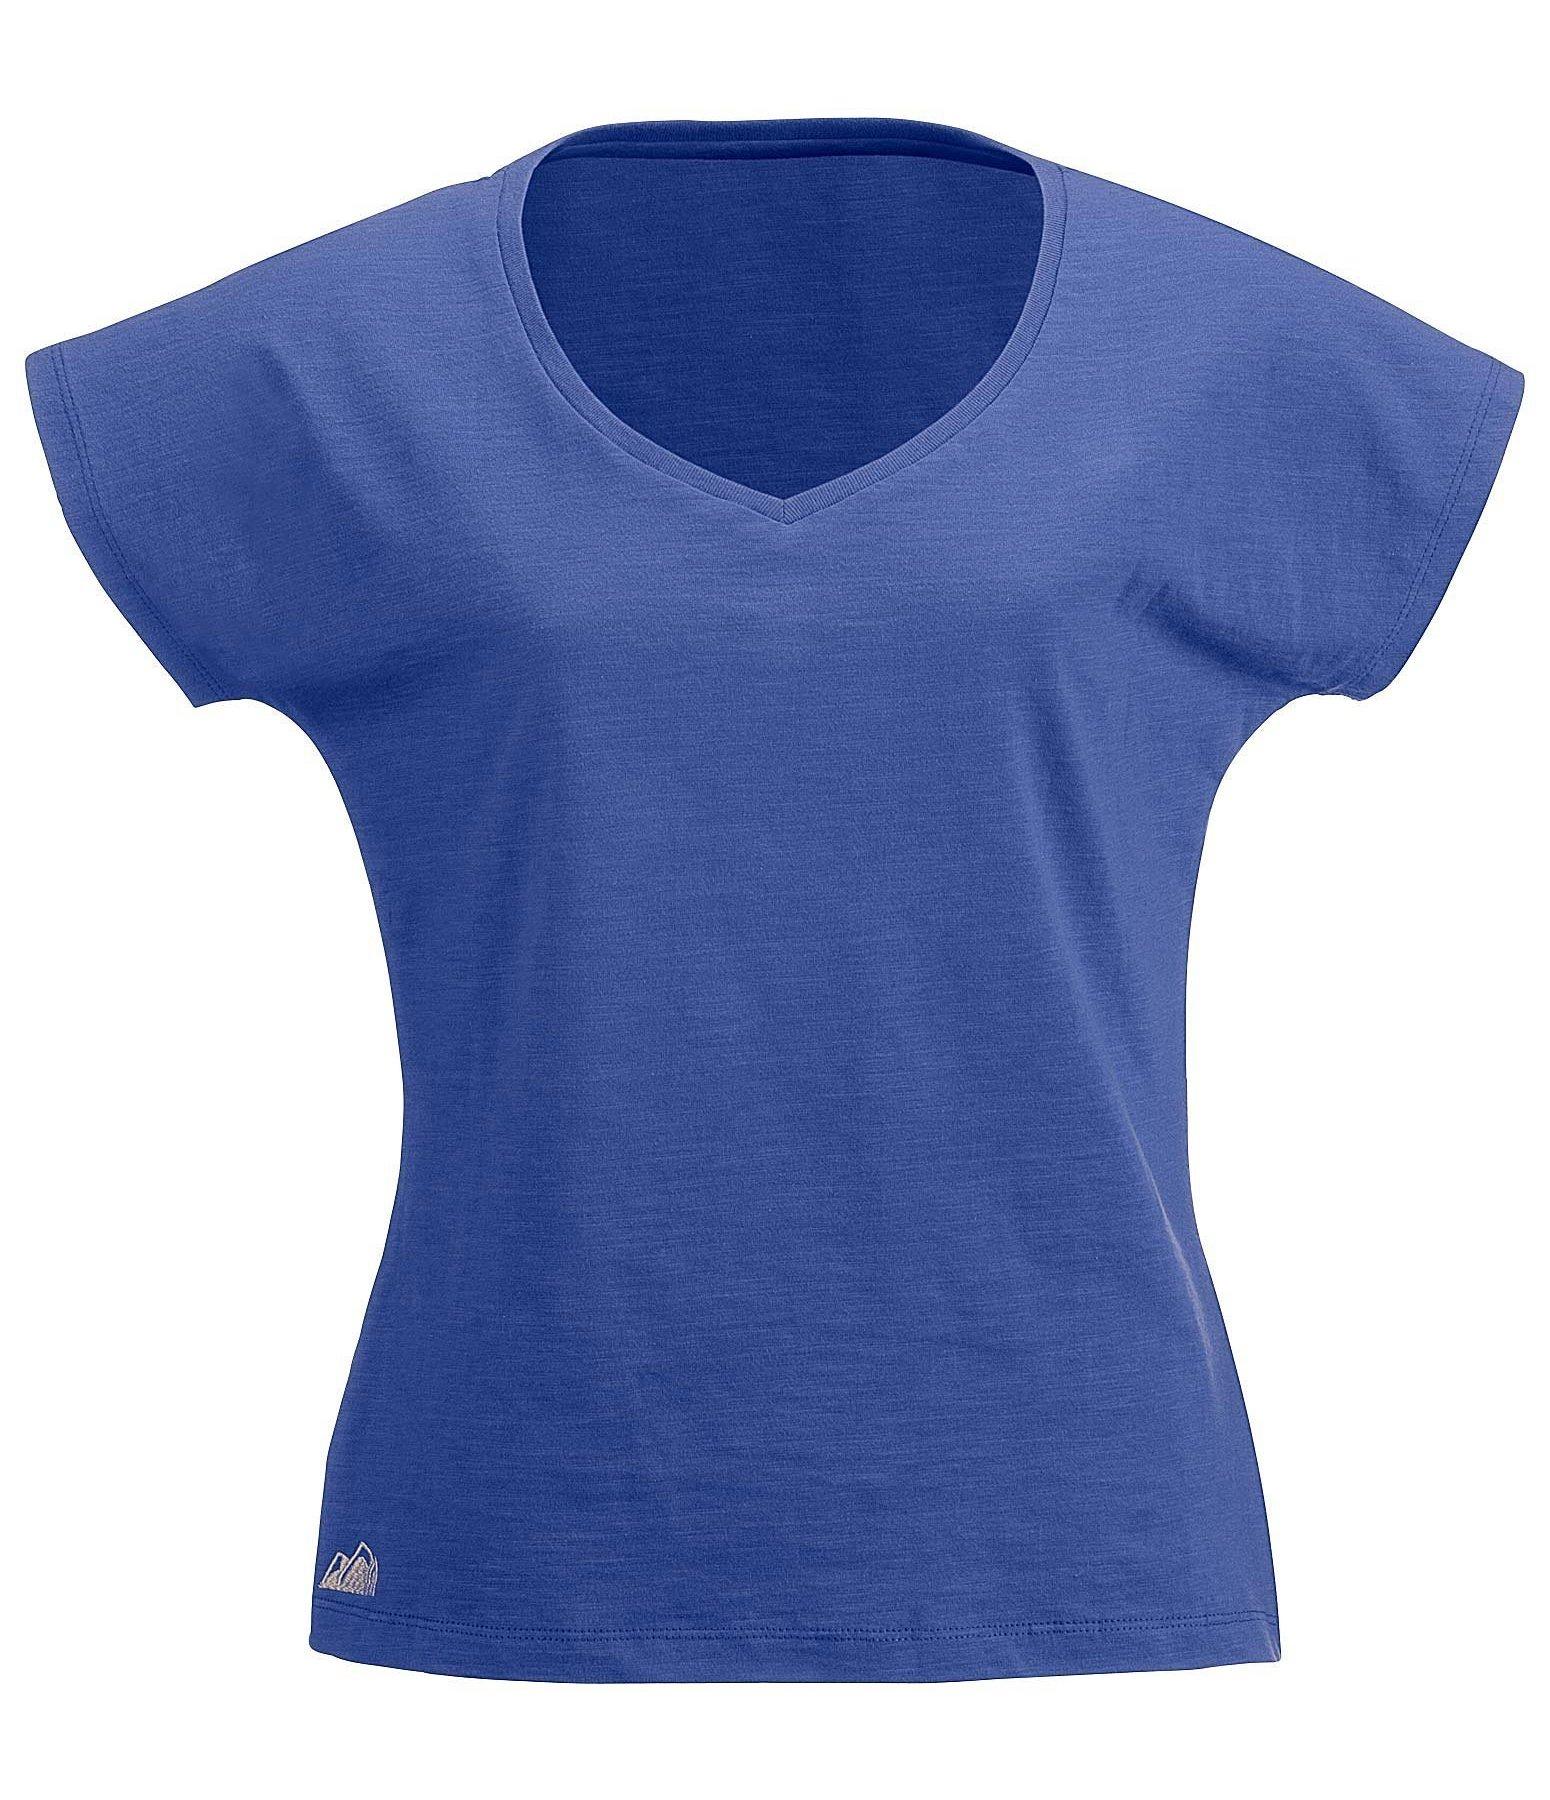 lot de t shirts lilly hauts et chemises pour femme. Black Bedroom Furniture Sets. Home Design Ideas